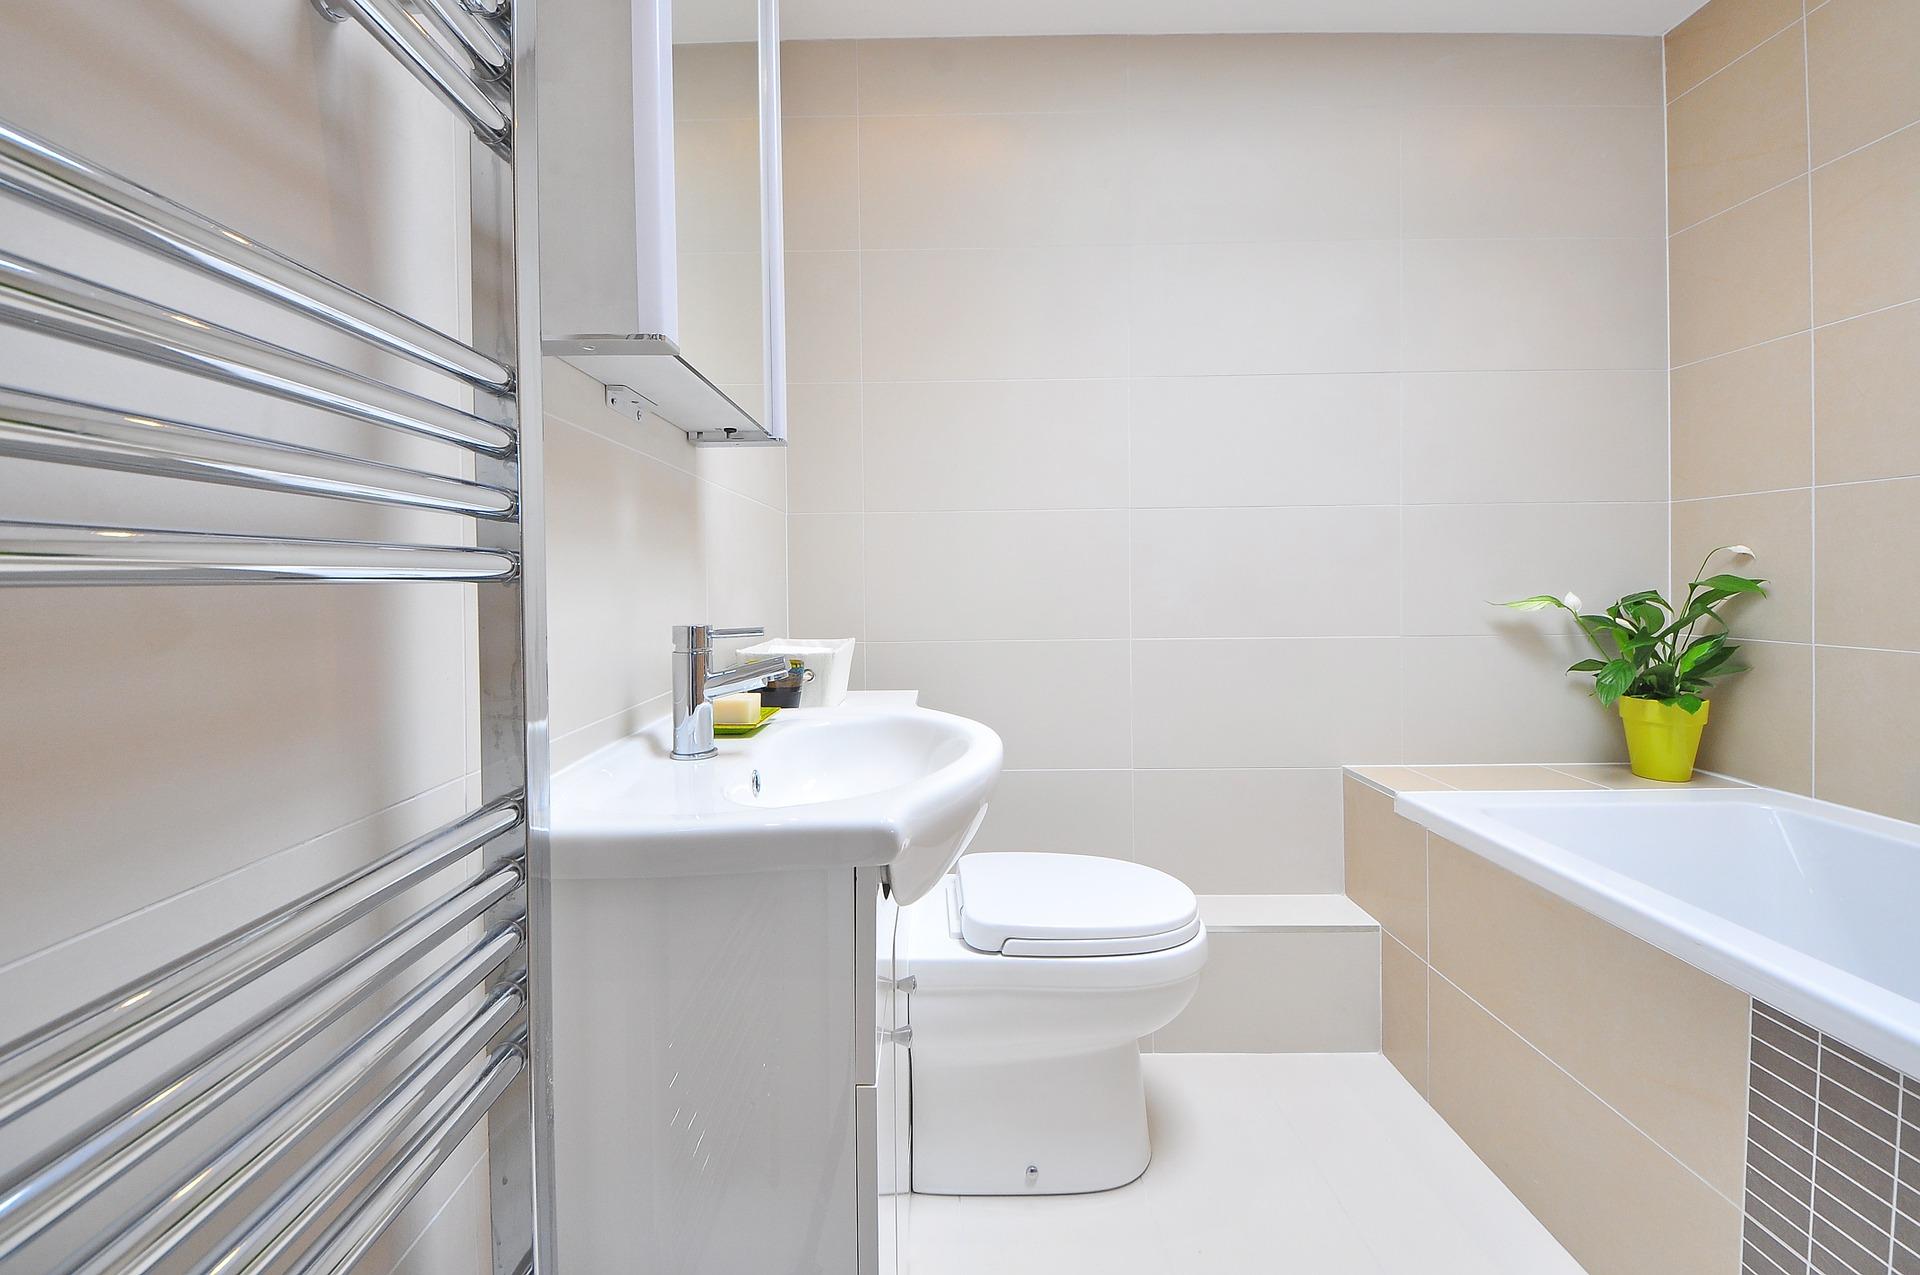 bathroom-1336164_1920 (1)